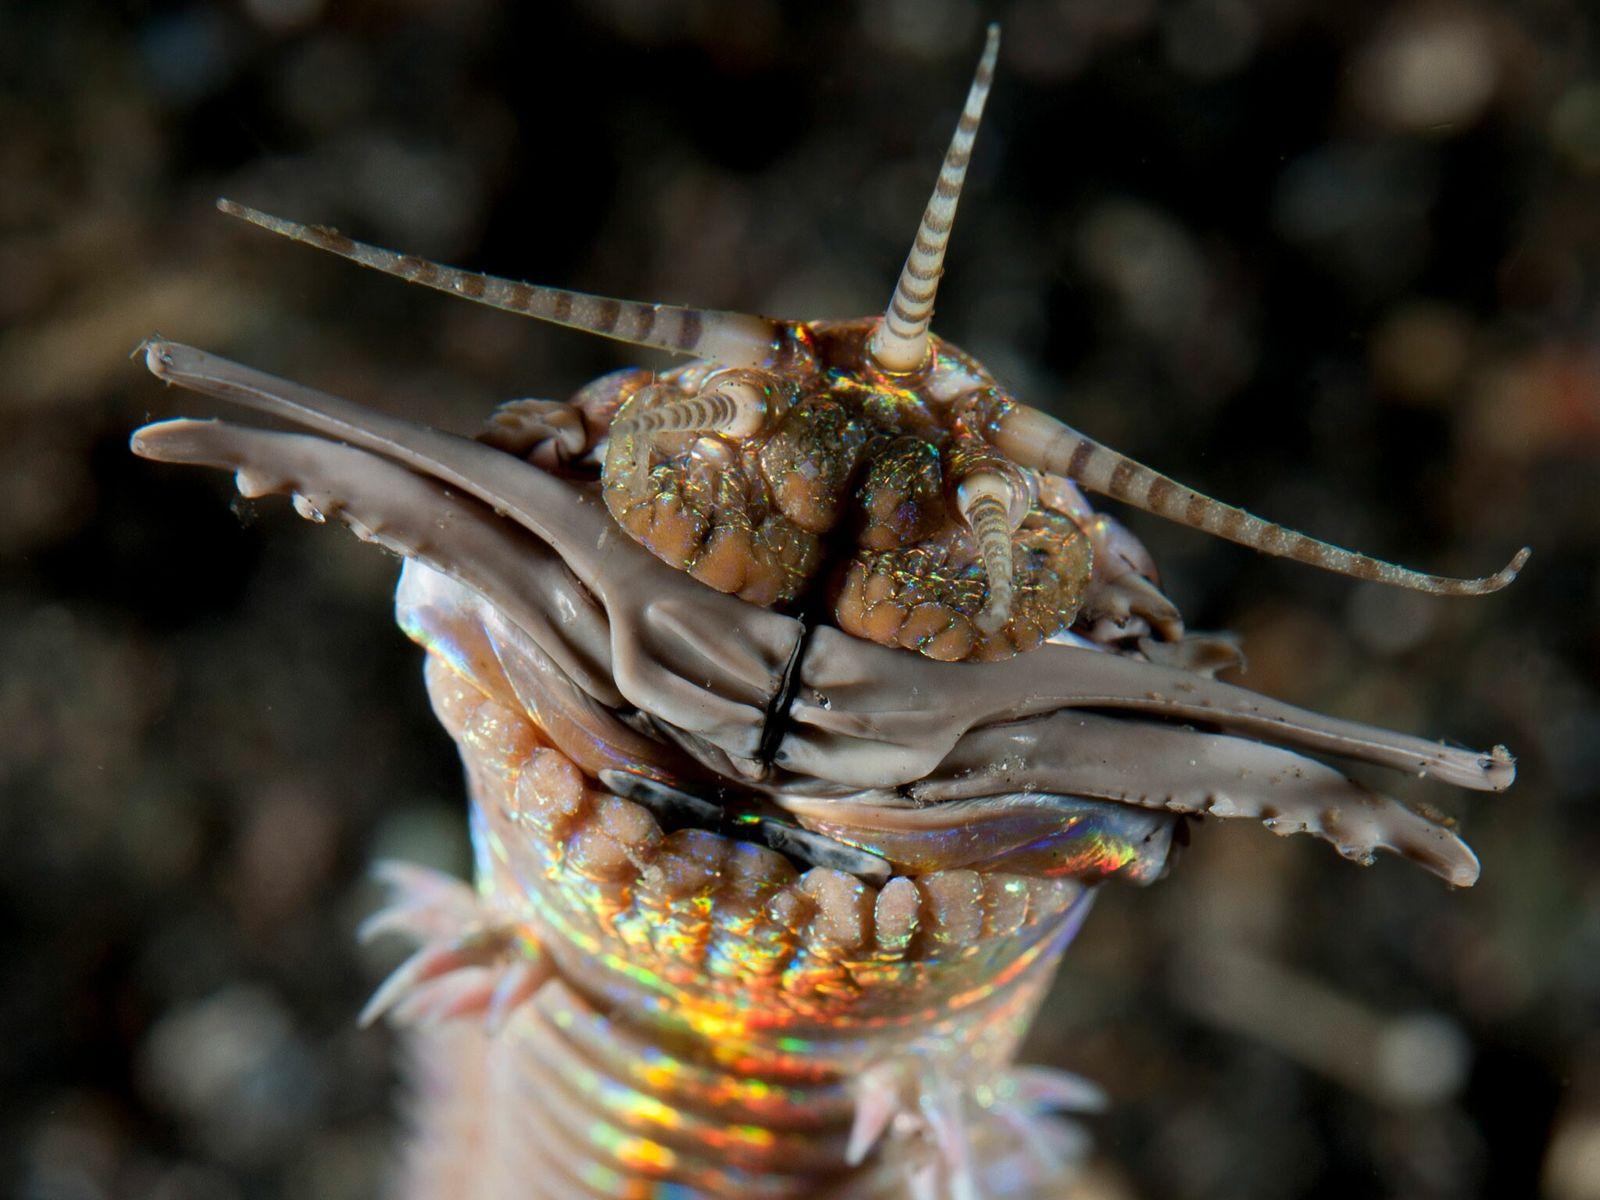 Os vermes predadores da areia podem crescer até aos 3 metros de comprimento. Este foi fotografado ...